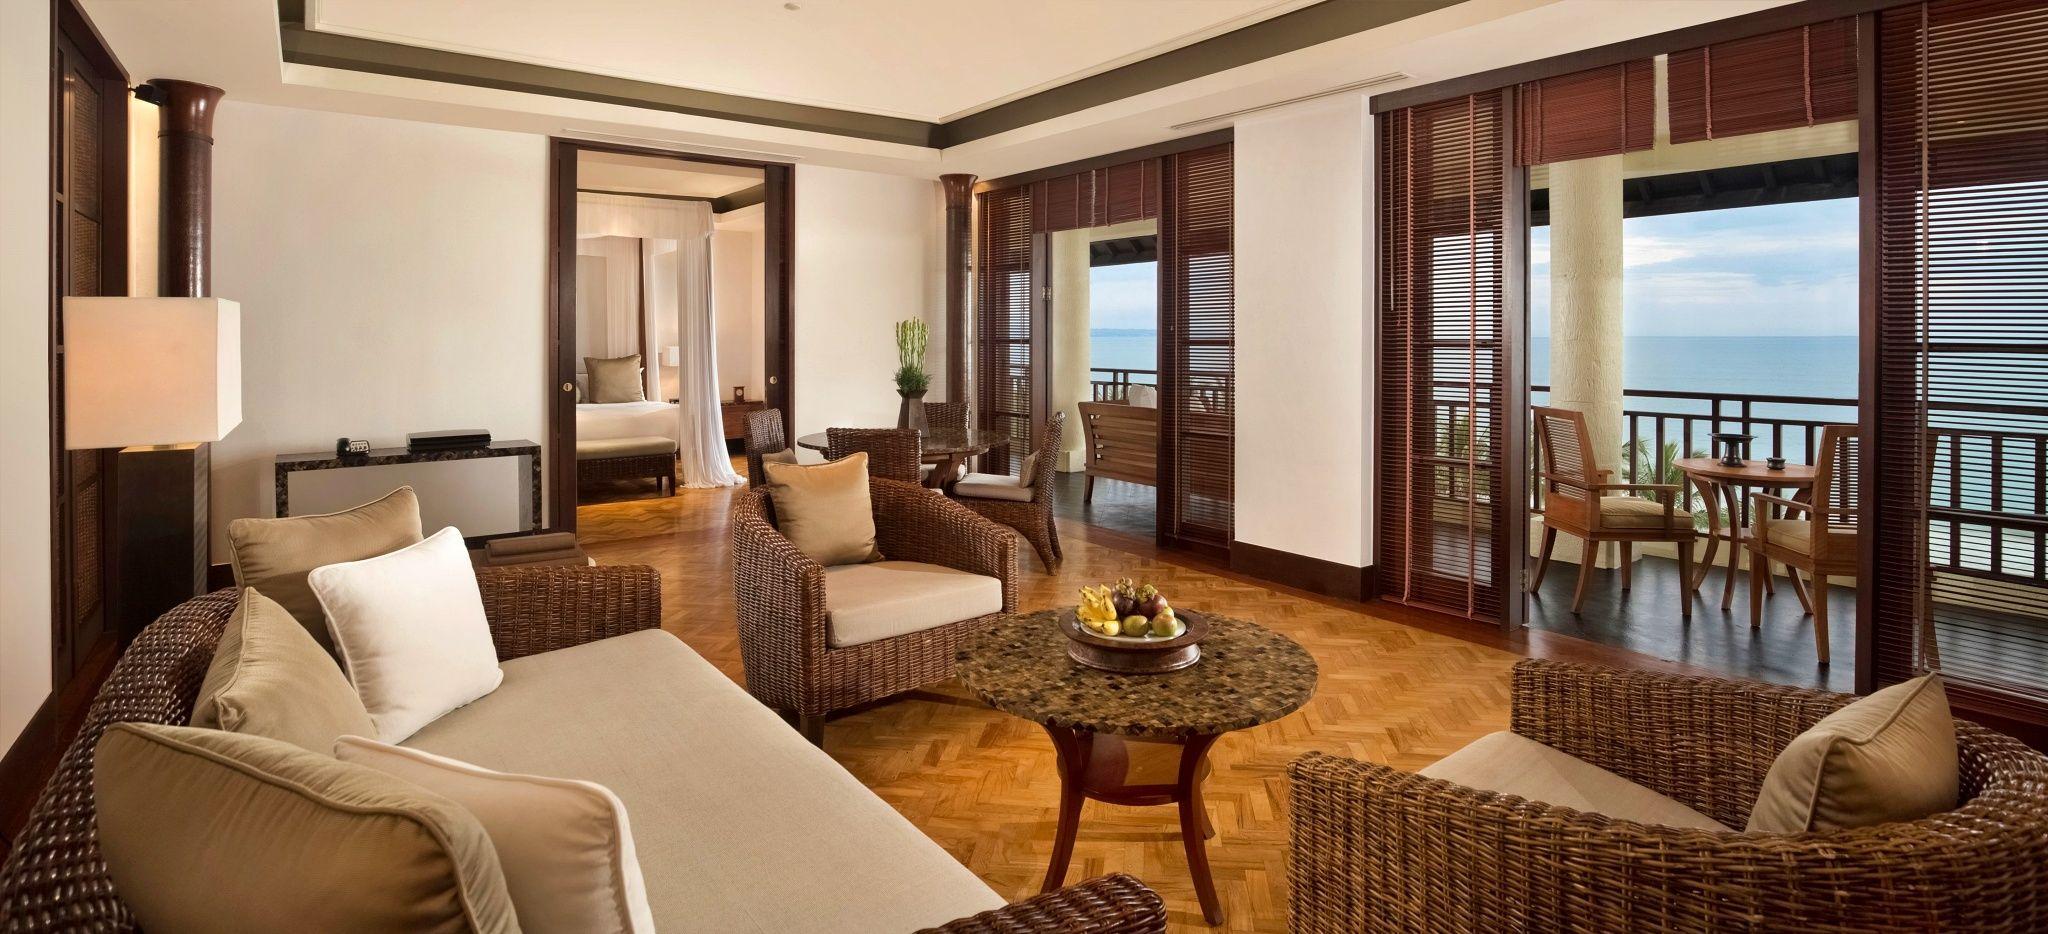 """Ein Wohnzimmer mit Blick aufs Meer in einer Villa des Hotels """"The Legian"""" auf Bali"""